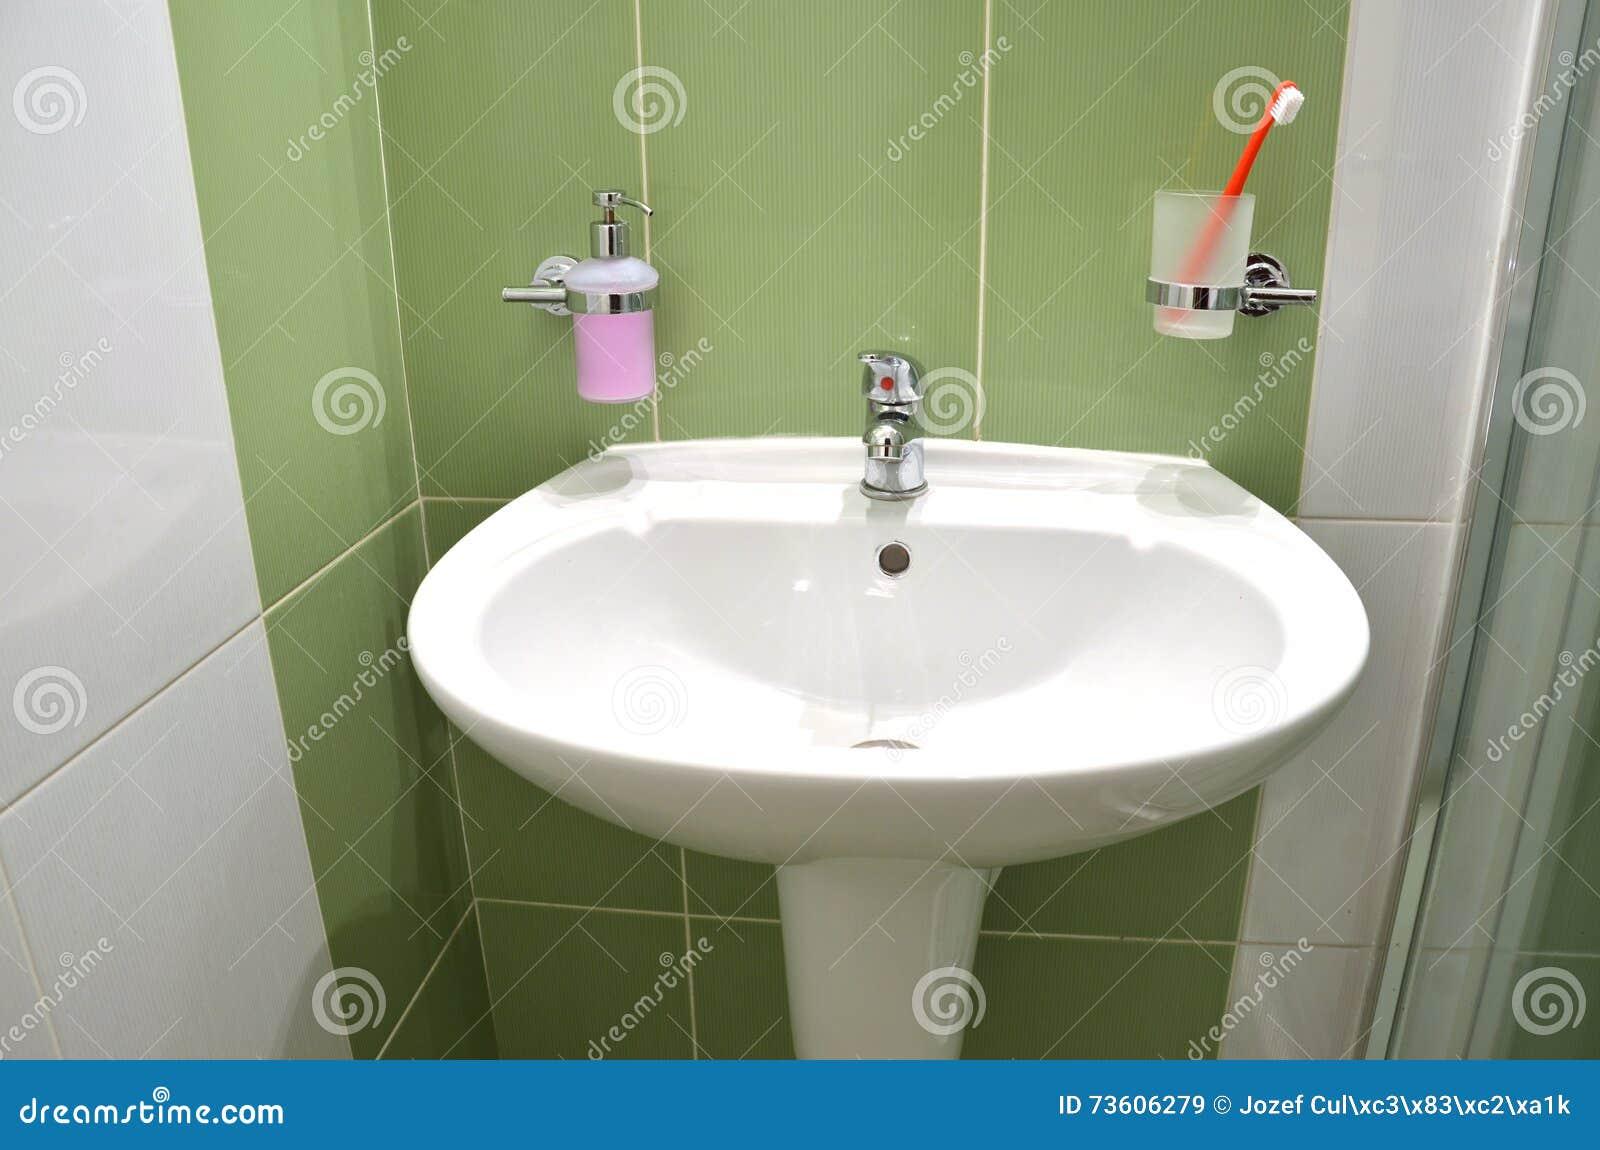 Piastrelle bagno verde simple bagni moderni immagini - Bagno verde salvia ...